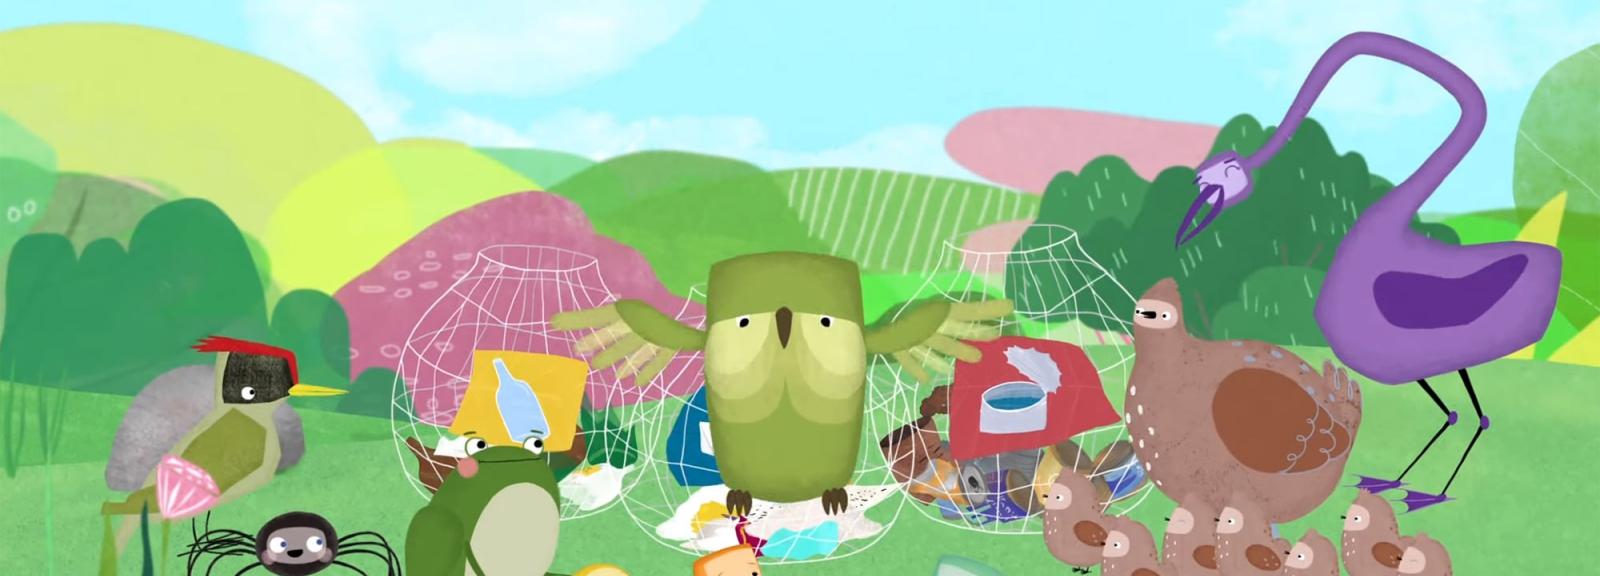 Ma petite planète verte - Cycle Pousse-Pousse - Un rendez-vous pour les tout-petits © KMBO